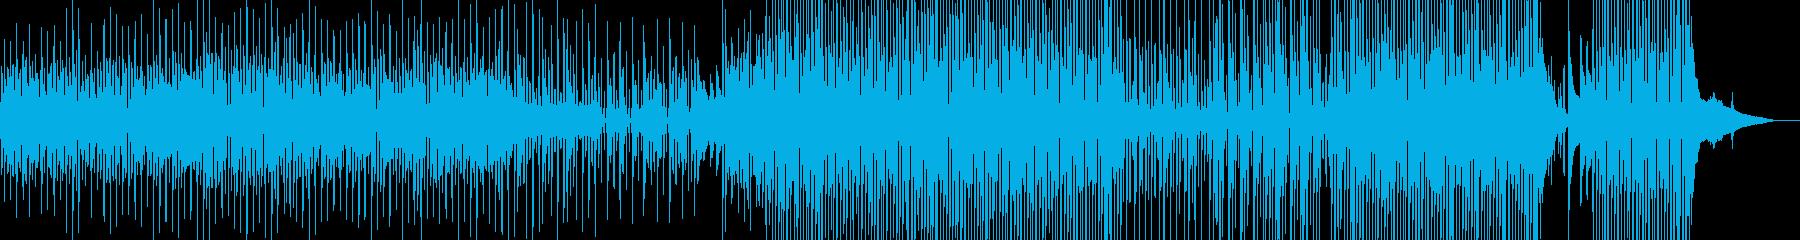 ウクレレ・後半賑やか 日常作品に Cの再生済みの波形